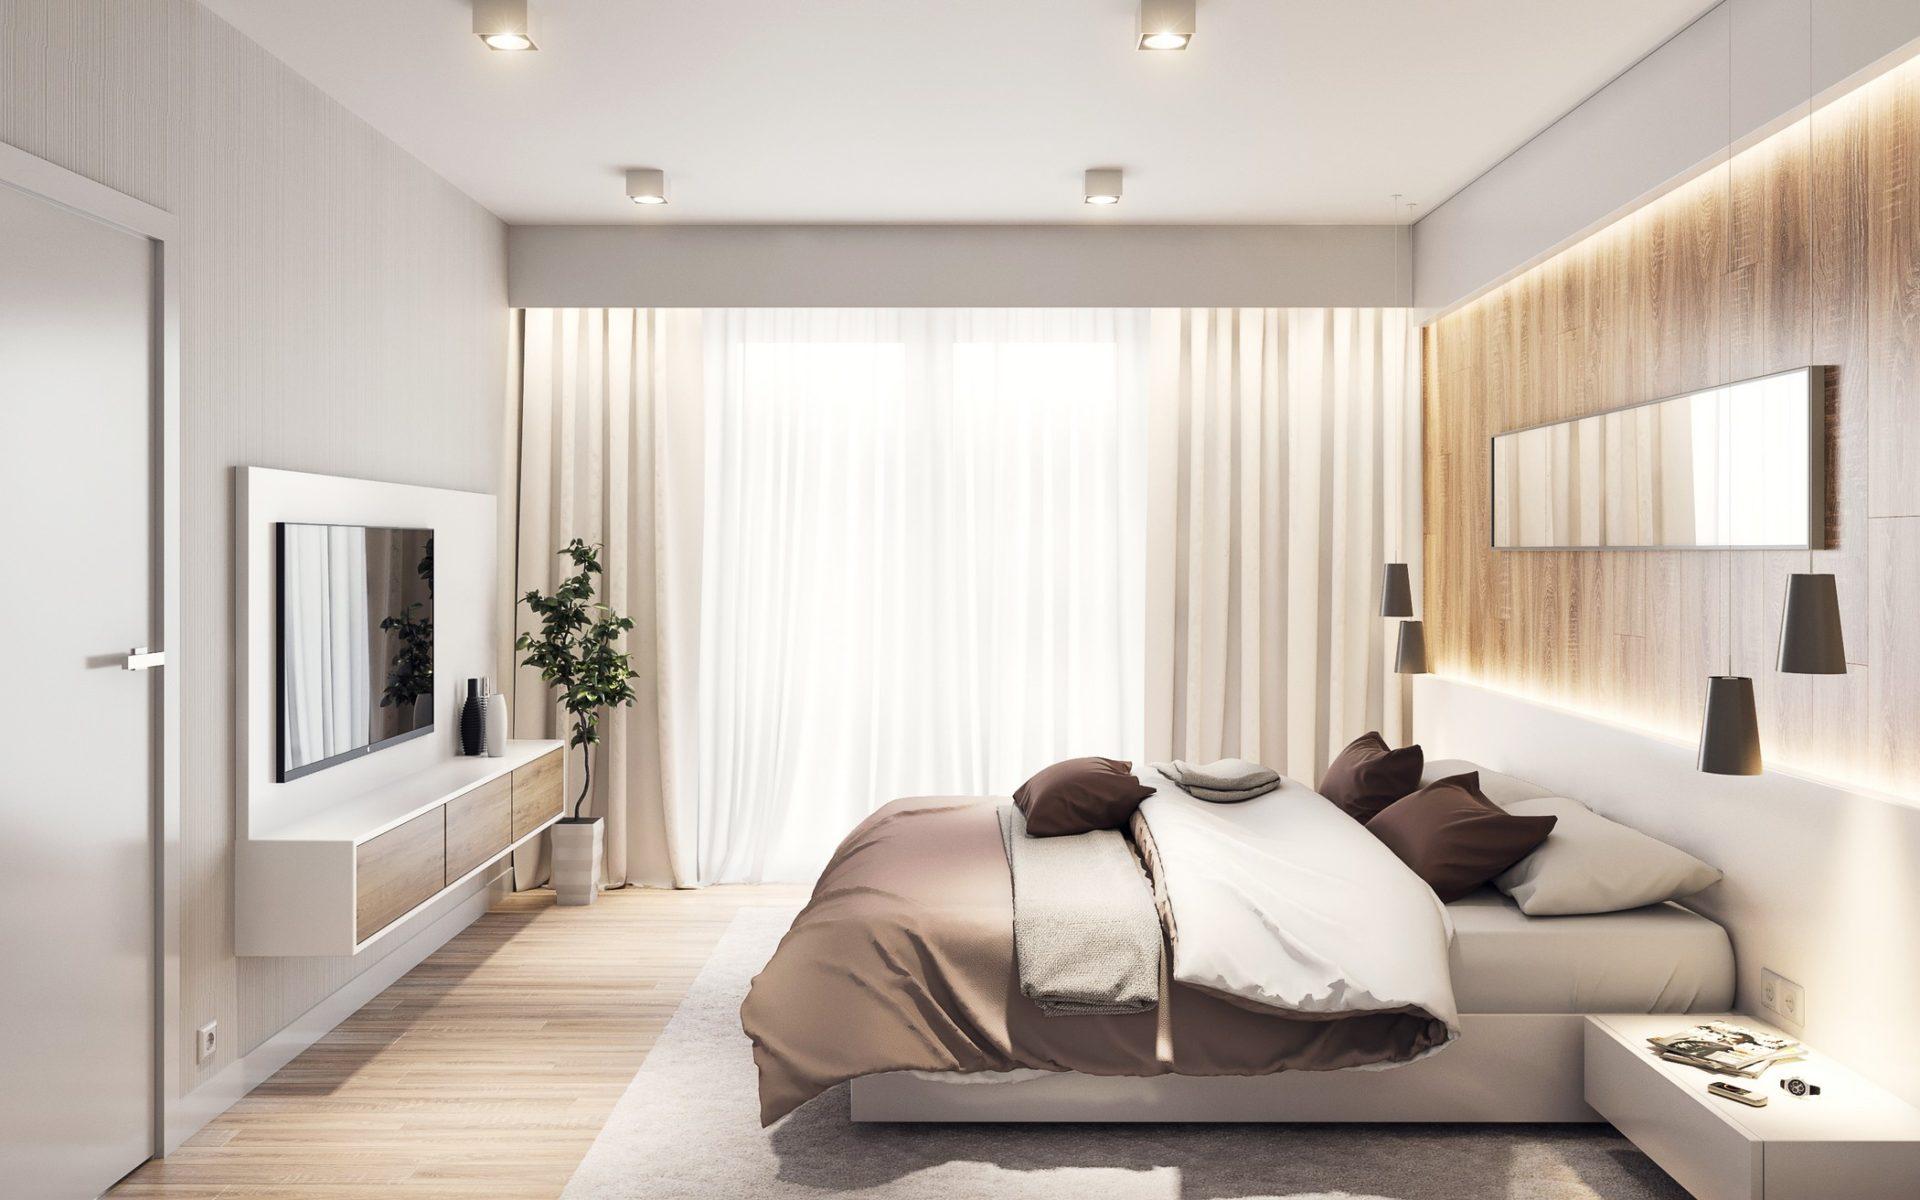 sypialnia w bloku aranżacja projekt wizualizacja